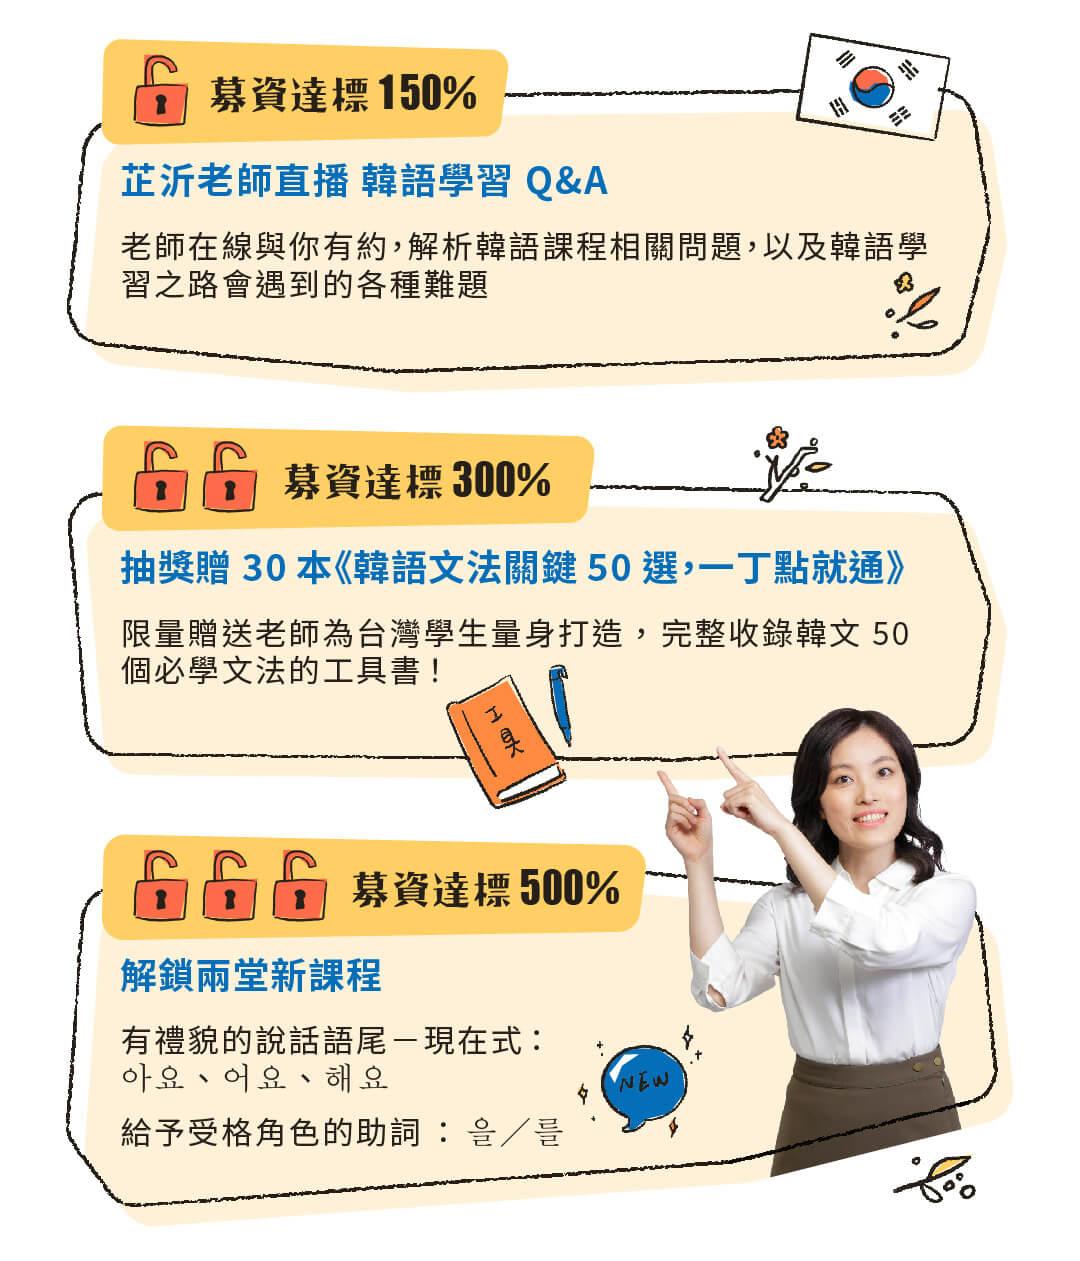 韓文基礎發音課|開口就是溜韓語 - 募資達標